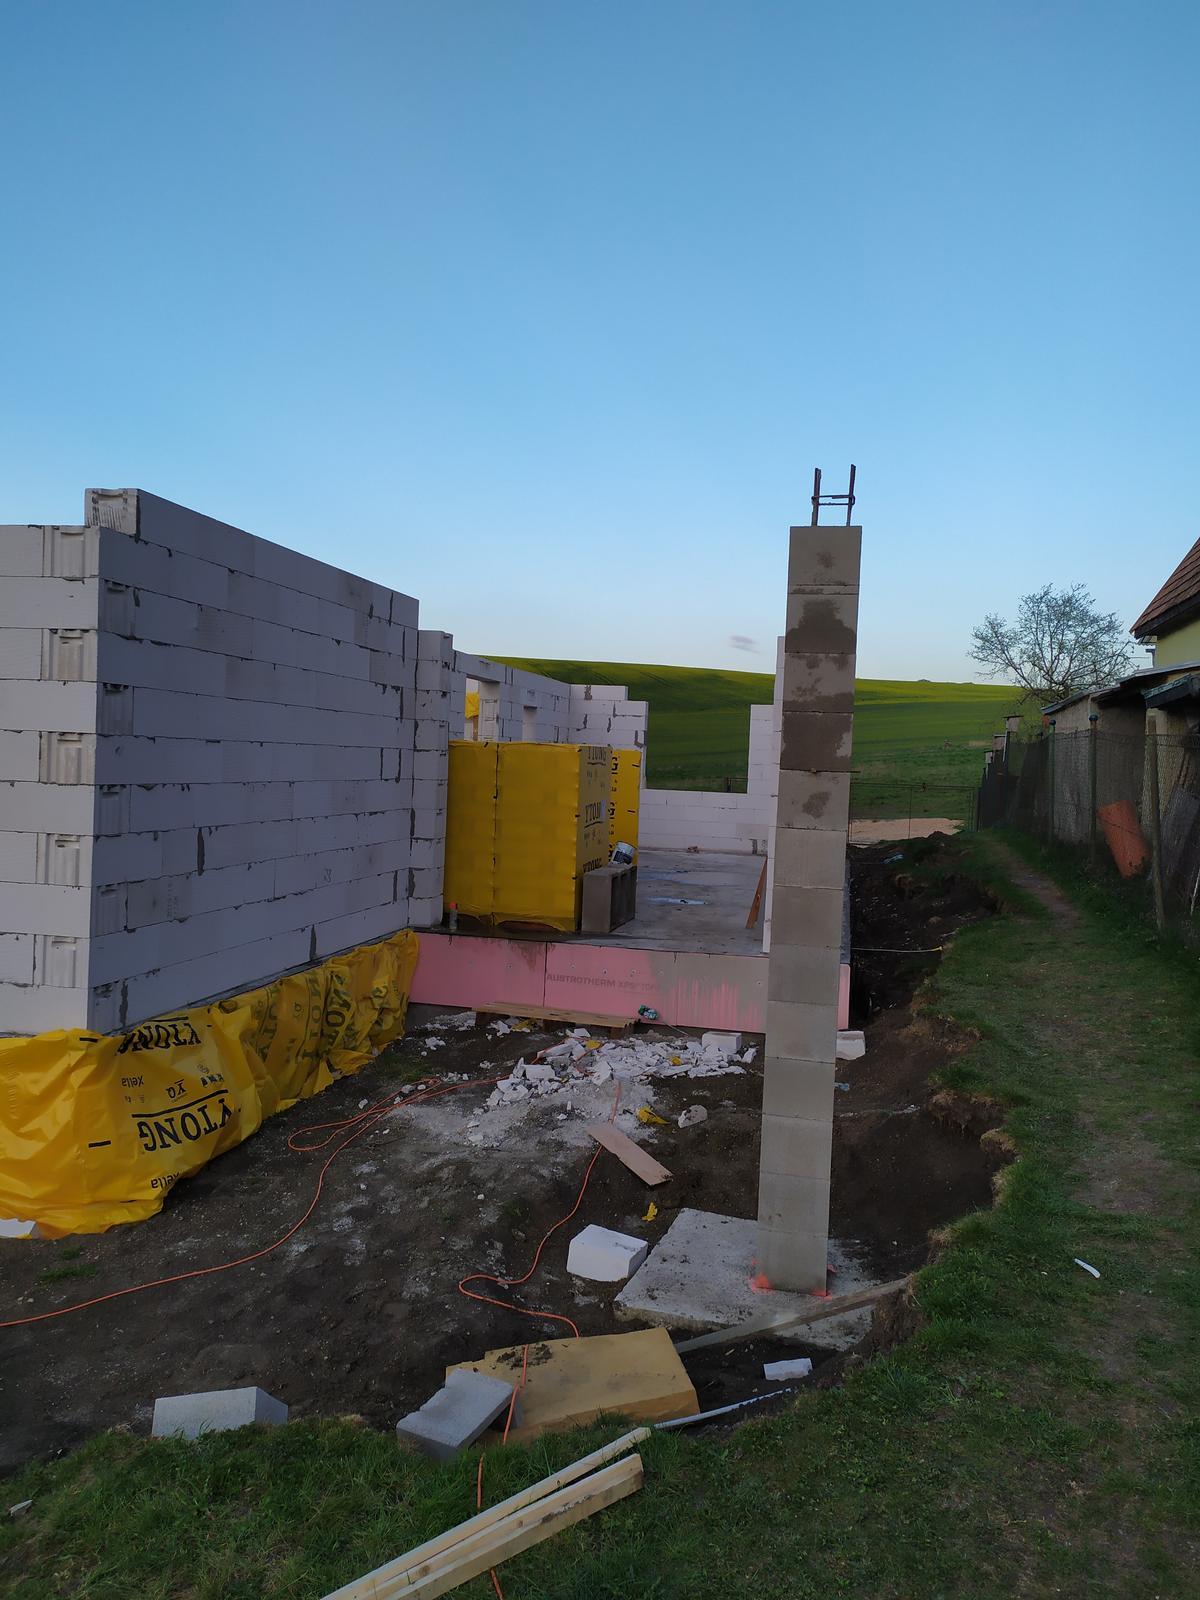 Stavba domu - Svojpomocne 🏠 - Medzi tým aj stĺp postavený